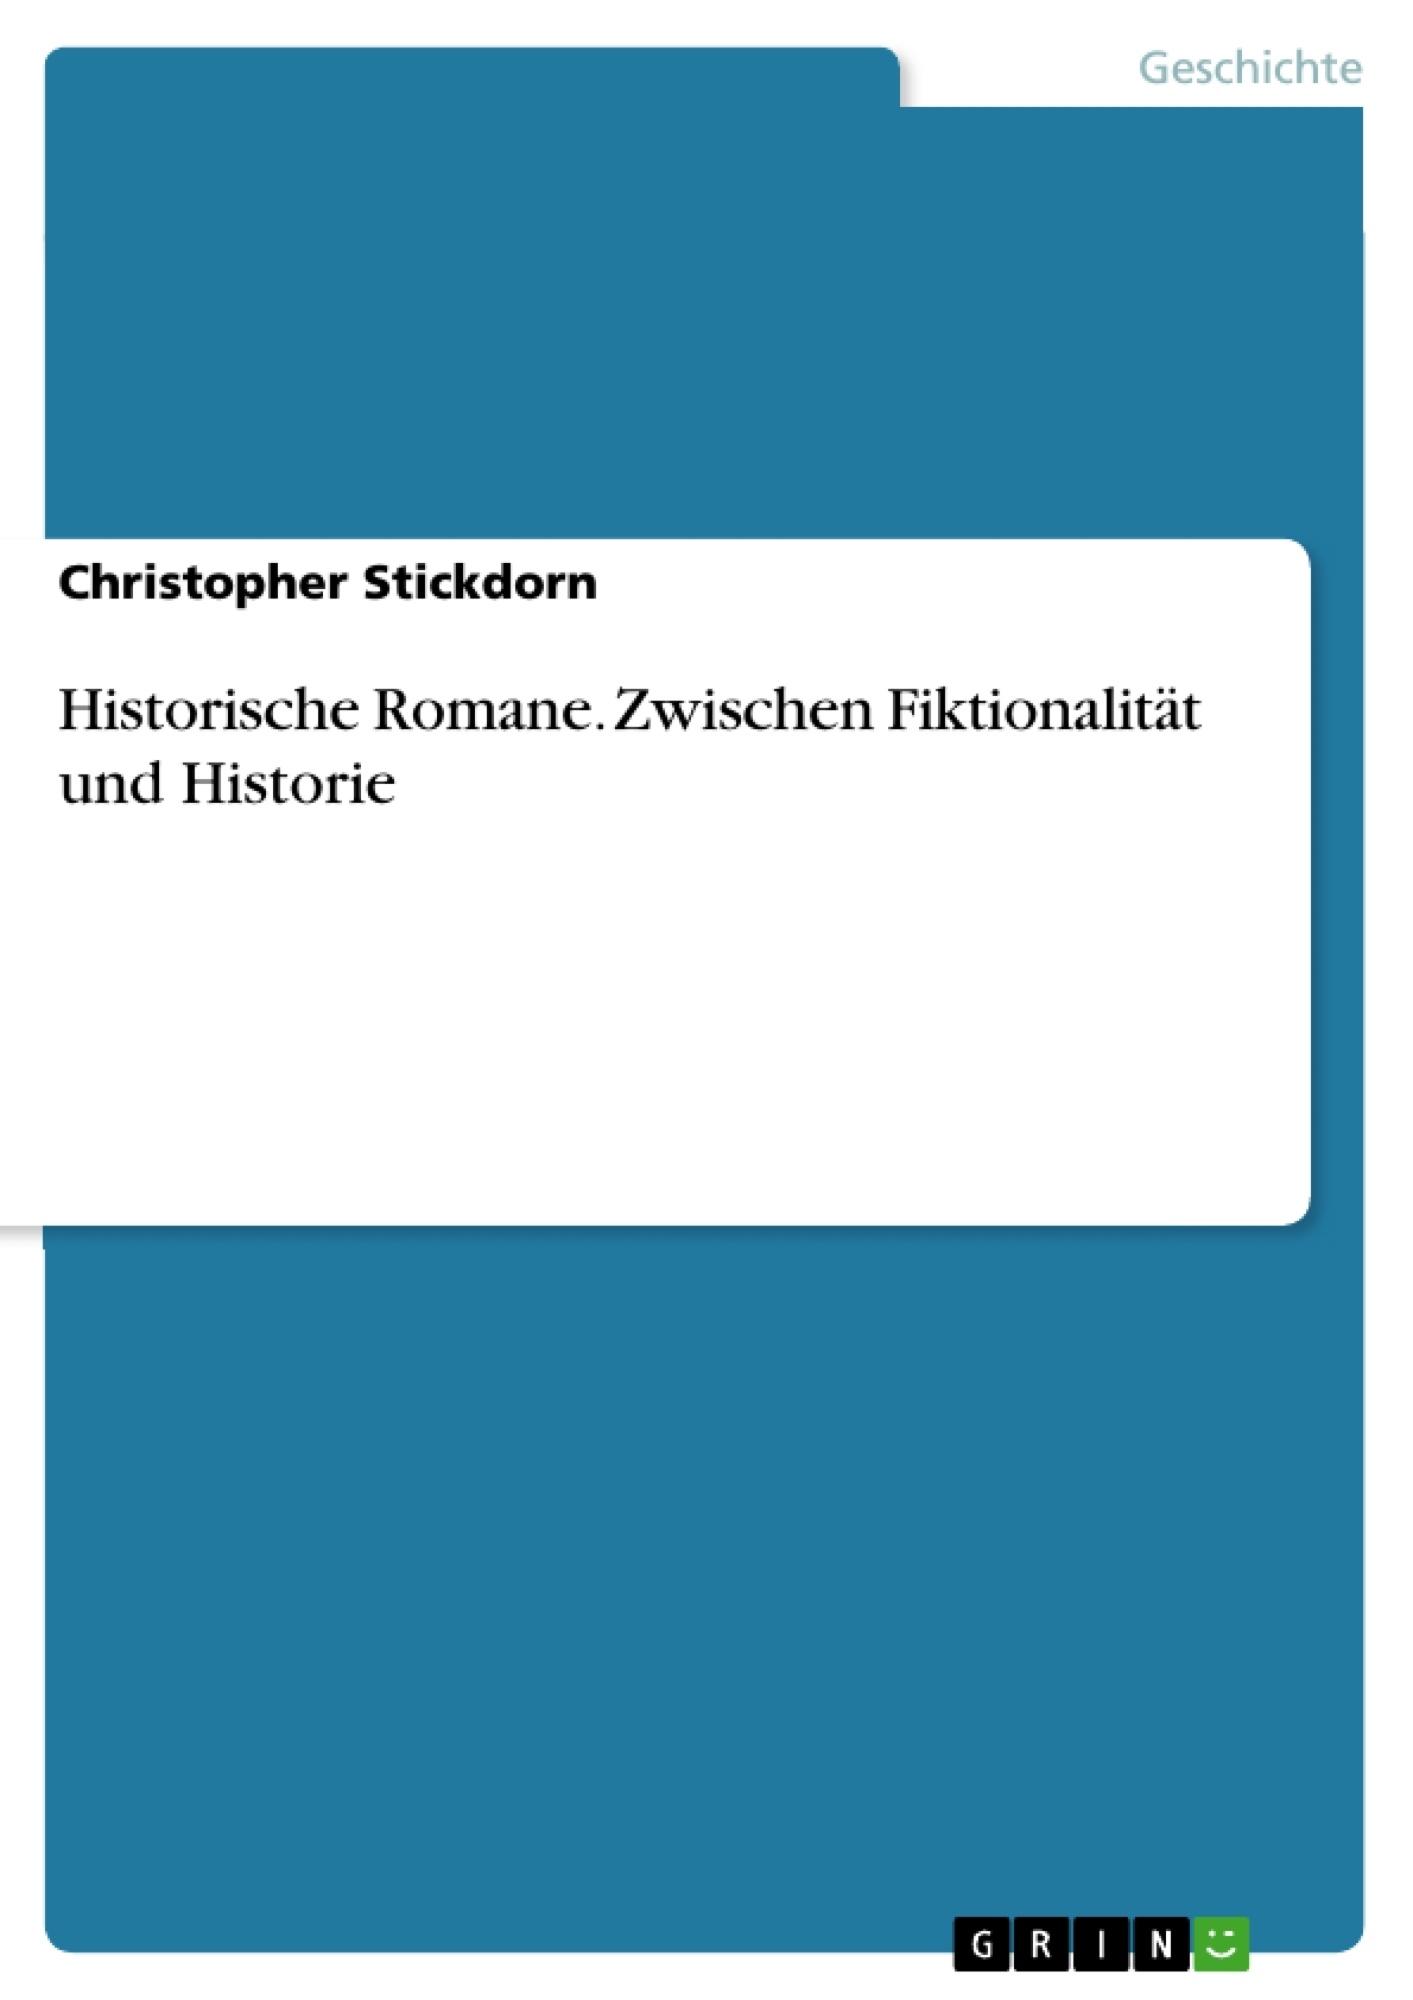 """Titel: Krieg in den Medien. Analyse zu """"Das Boot"""" von Lothar-Günther Buchheim"""